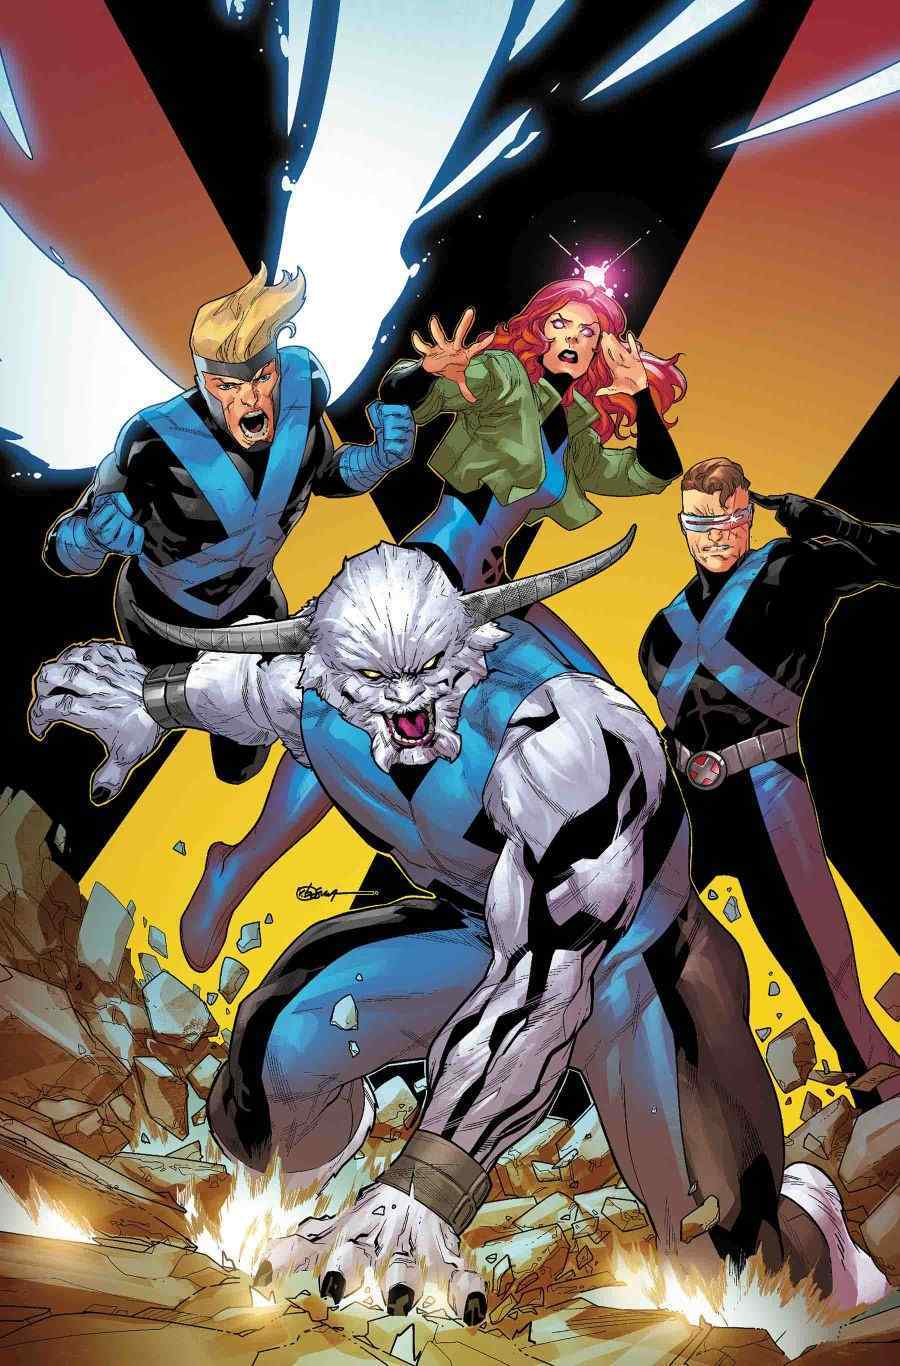 X-Men Getting New Looks